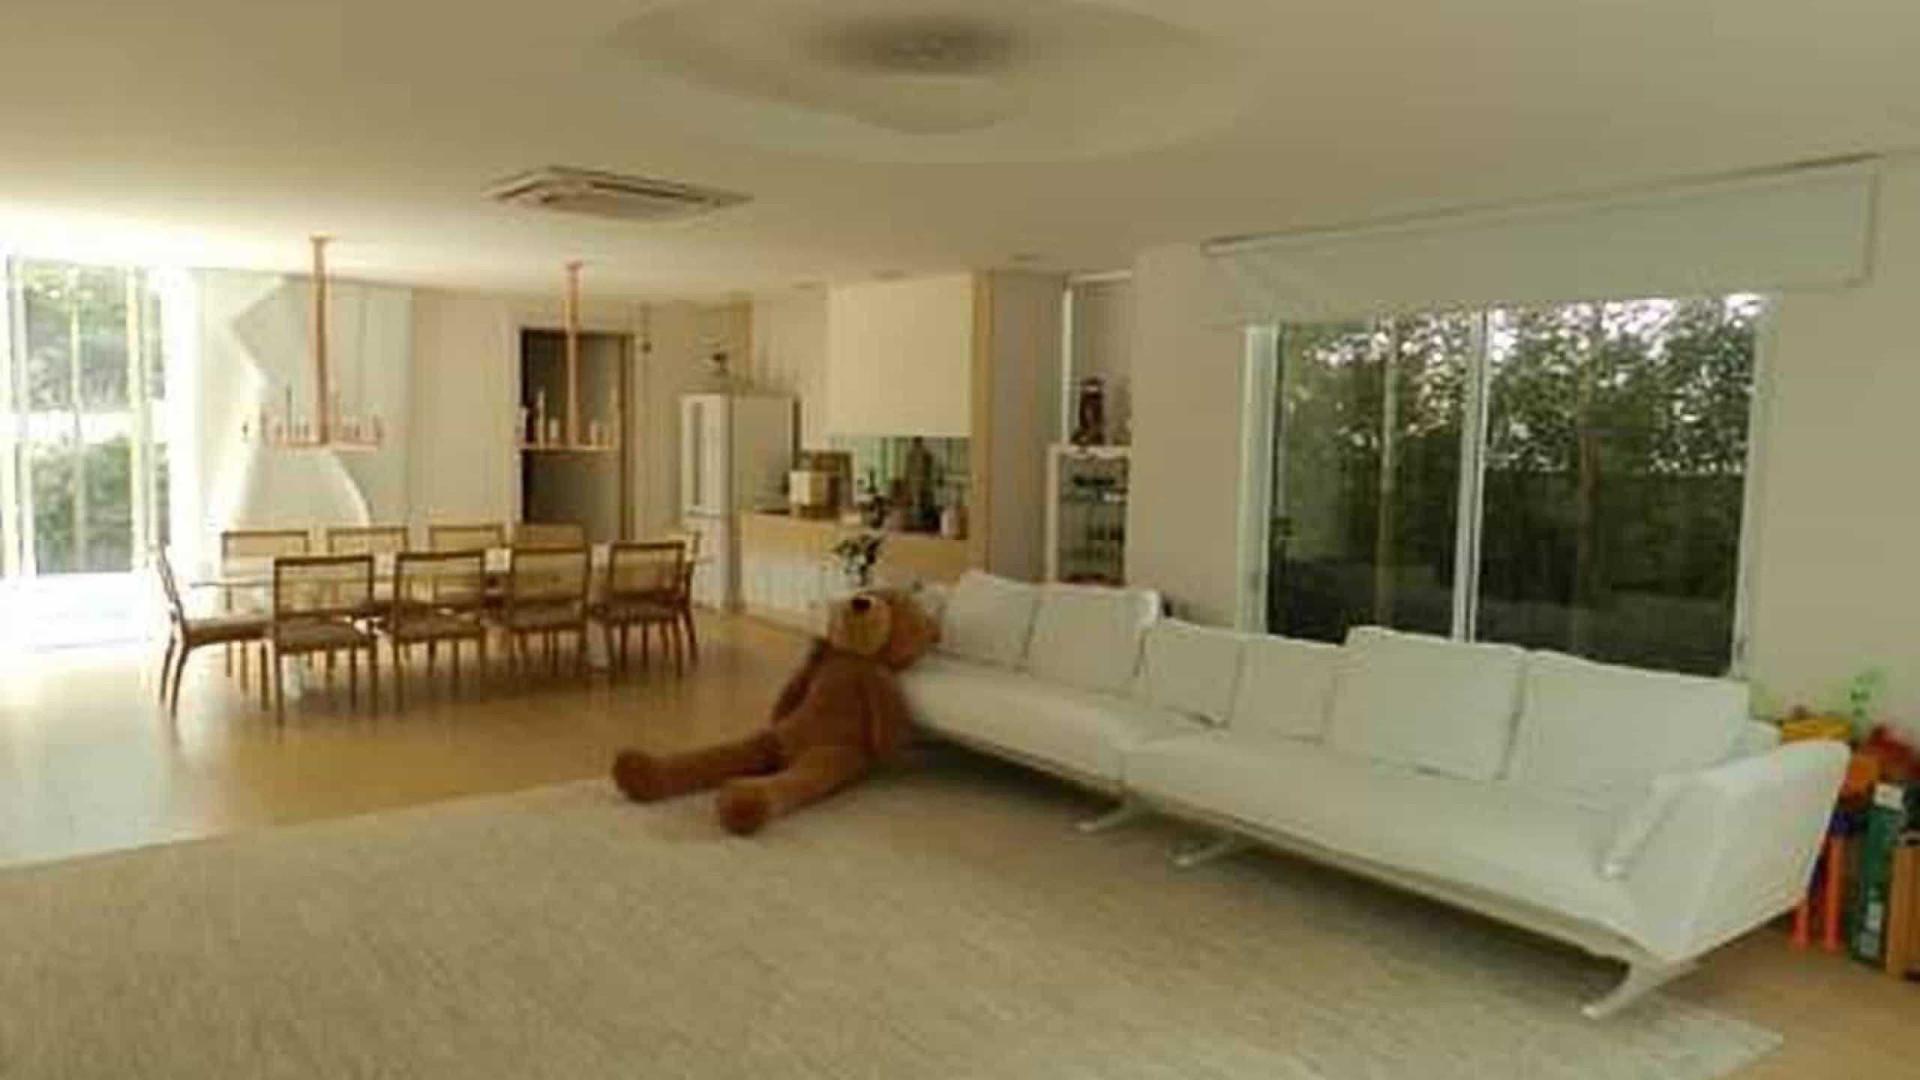 Simaria coloca mansão em Goiânia à venda por R$ 3 milhões